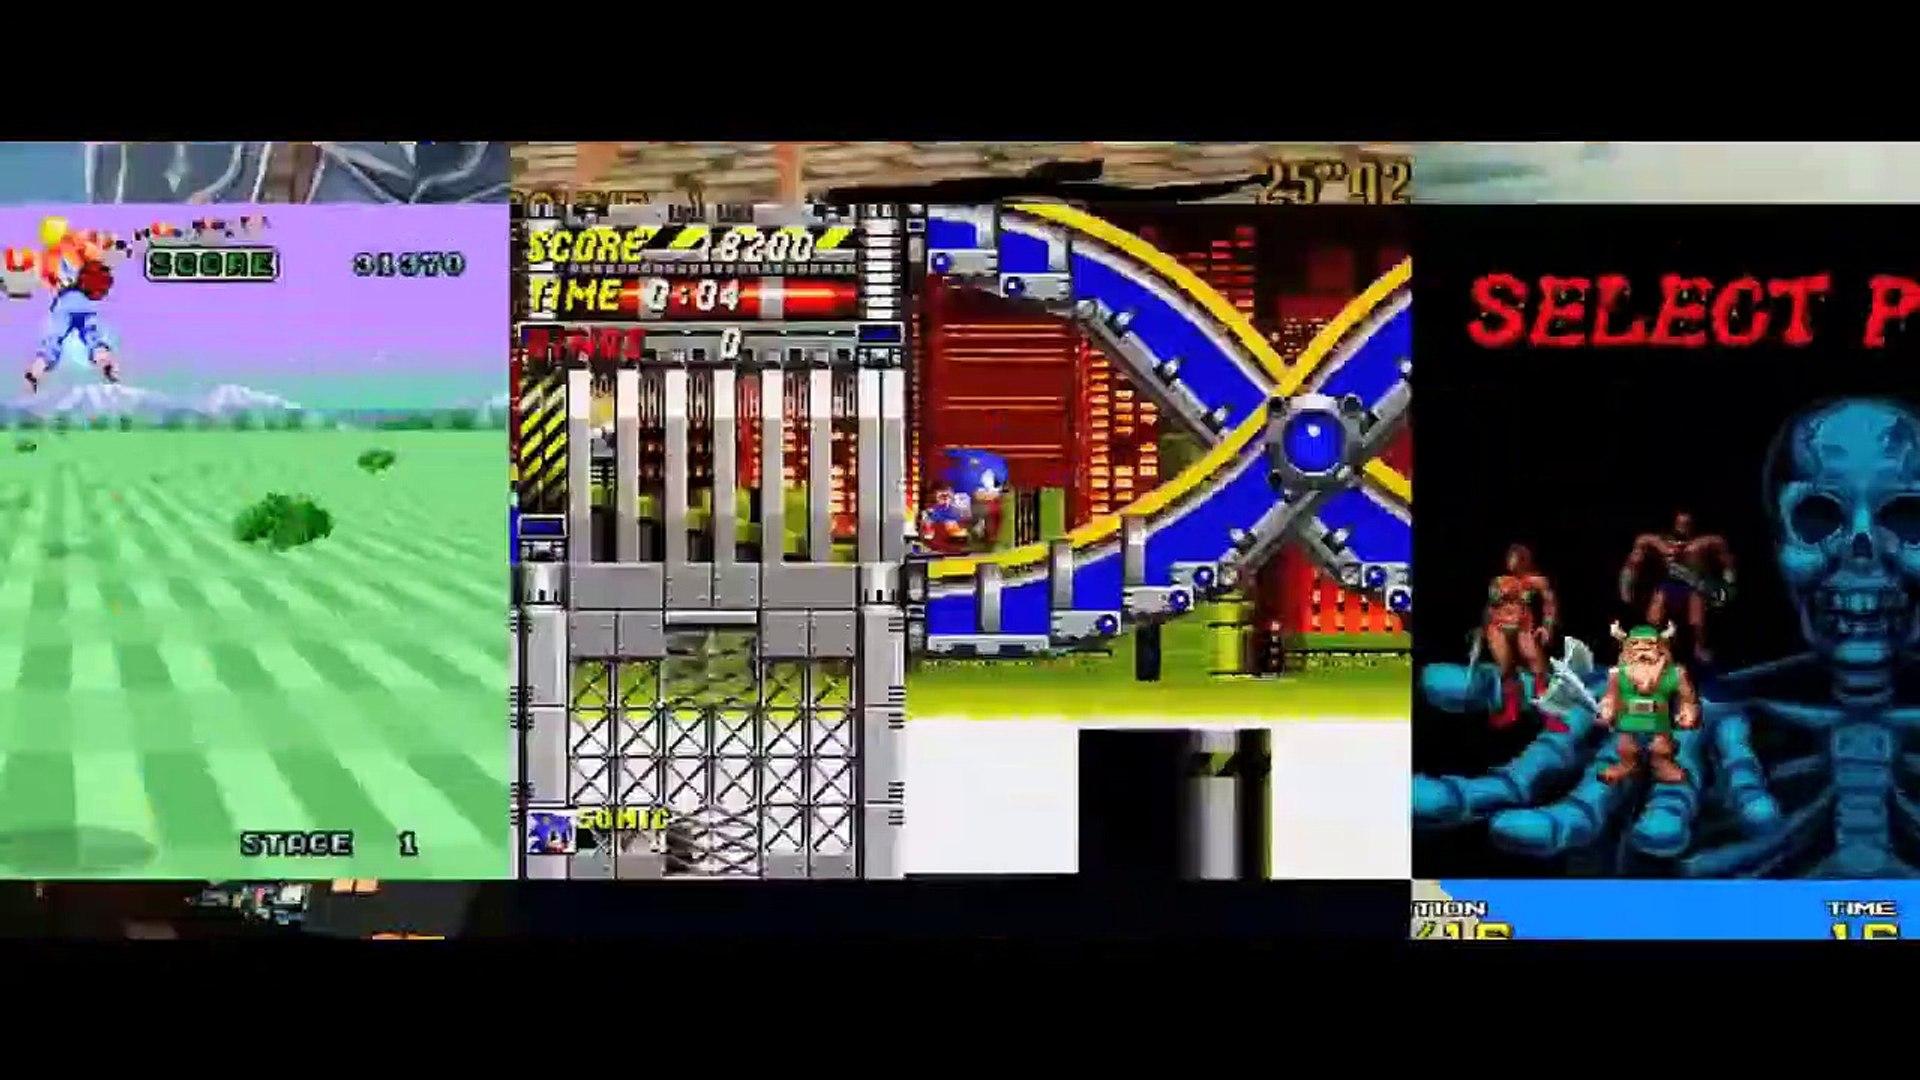 영화 [수퍼 소닉] - Sonic the Hedgehog, 2020